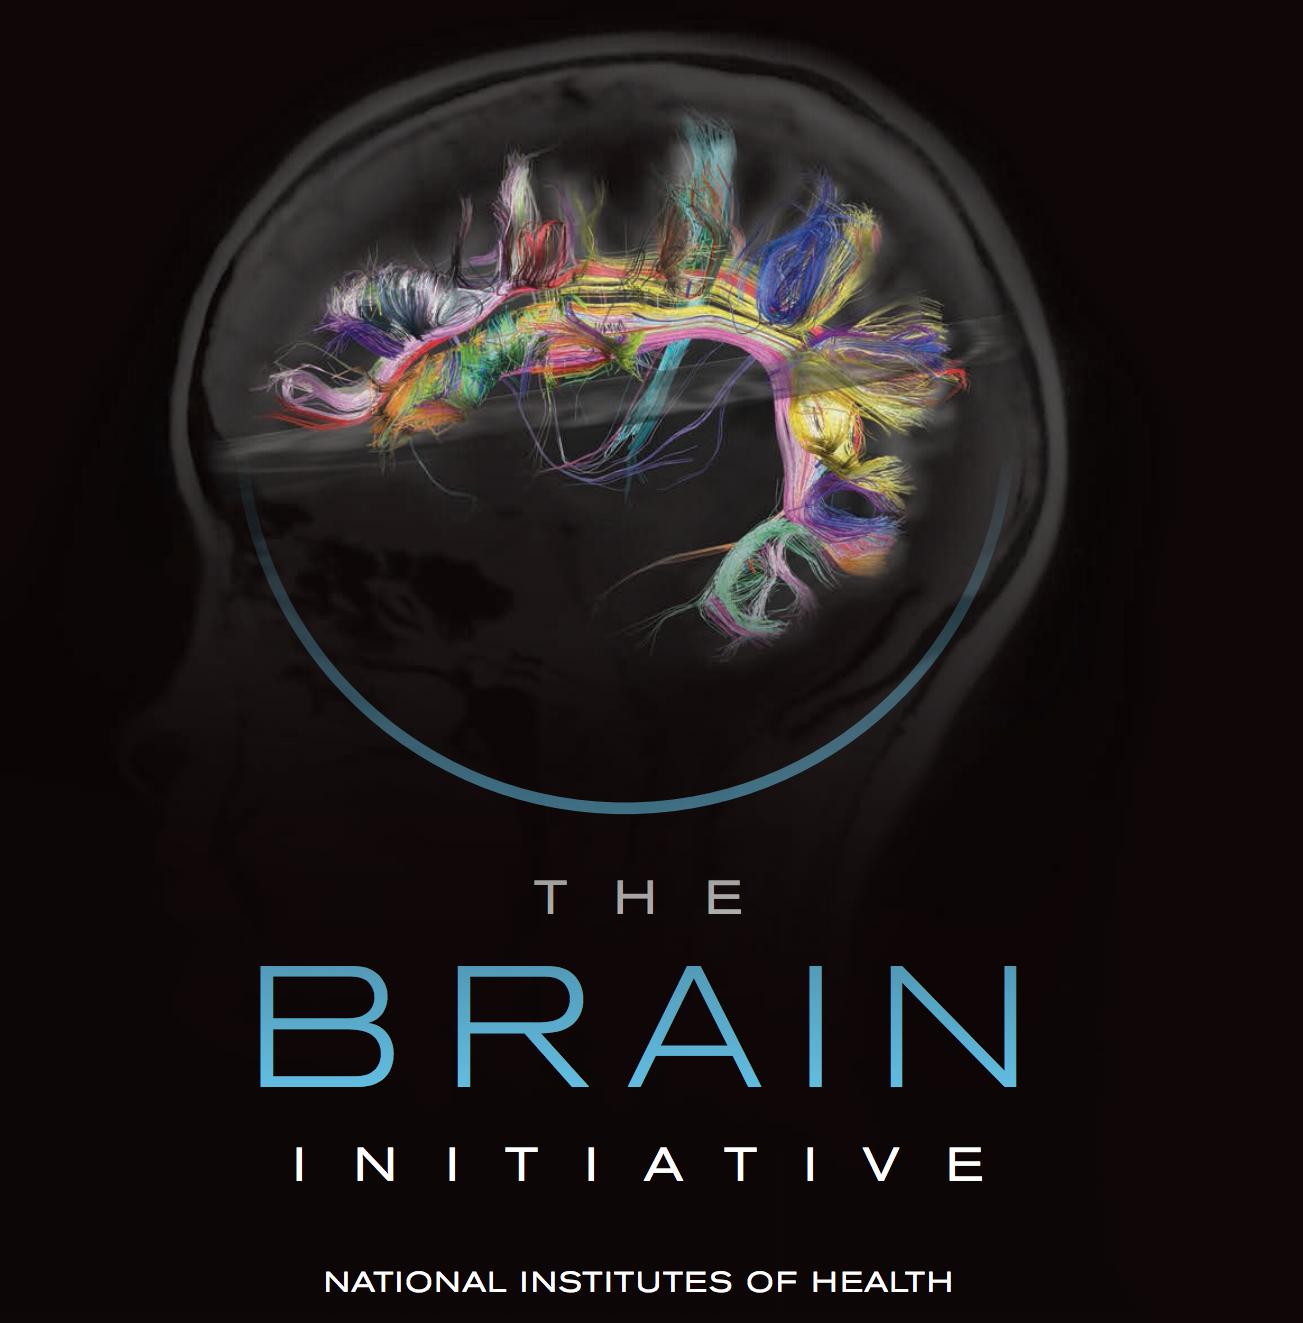 The BRAIN Initiative